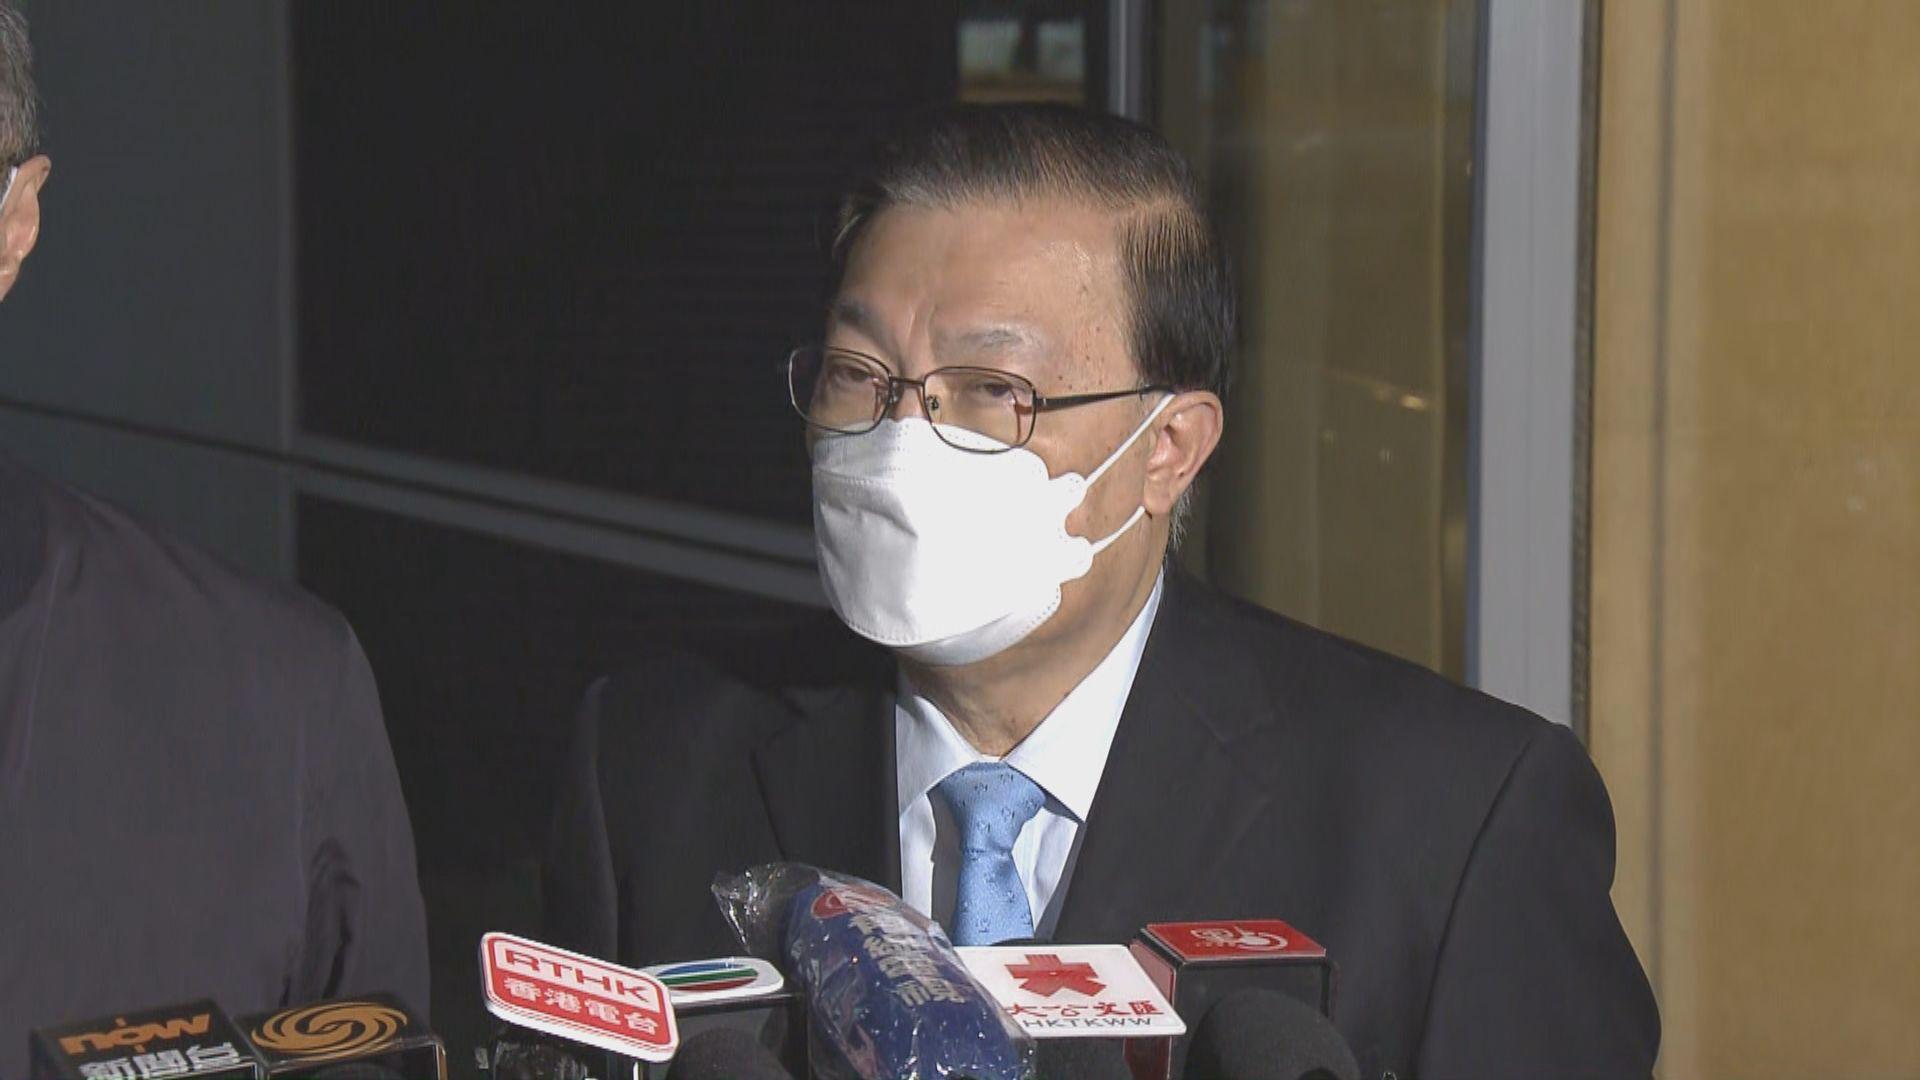 譚耀宗指被DQ議員再參選會遇「很大問題」